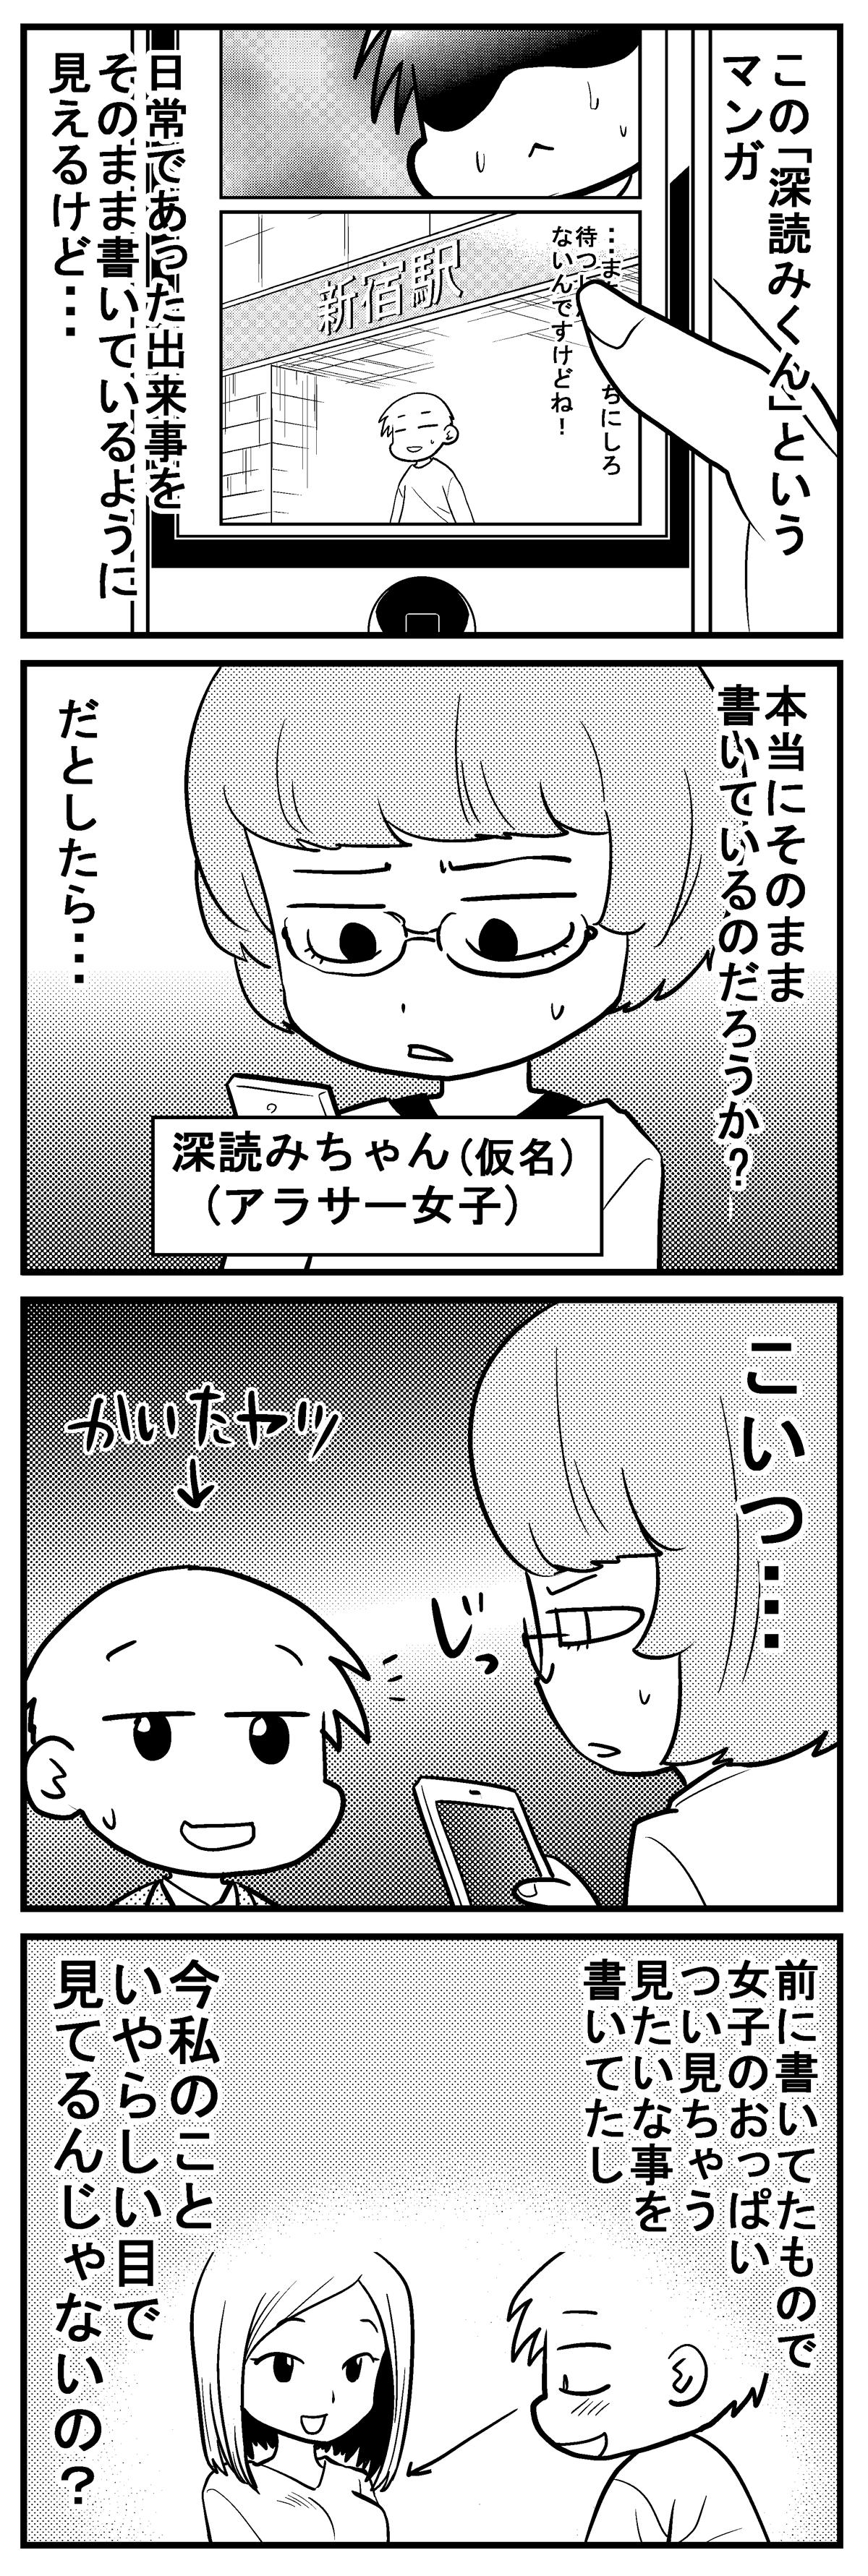 深読みくん51-1 (1)